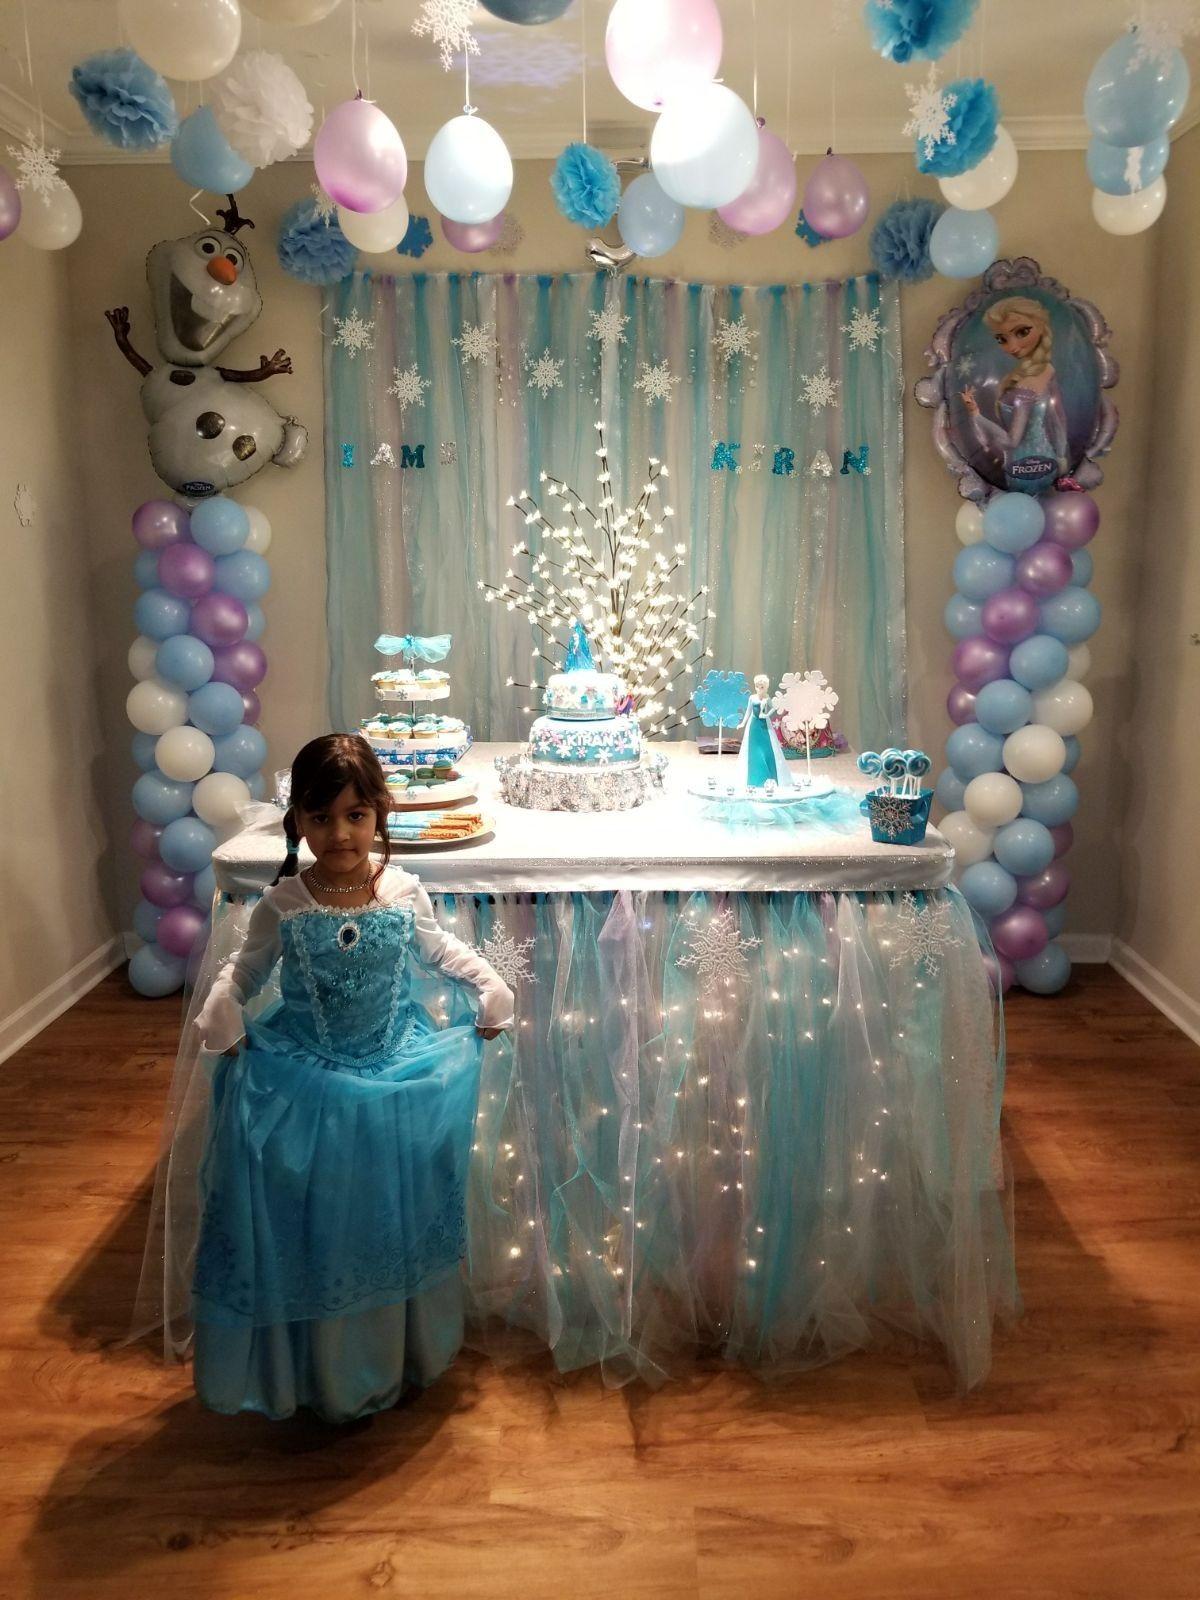 Frozen Birthday Party Elsa Birthday Party Frozen Themed Birthday Party Frozen Party Decorations